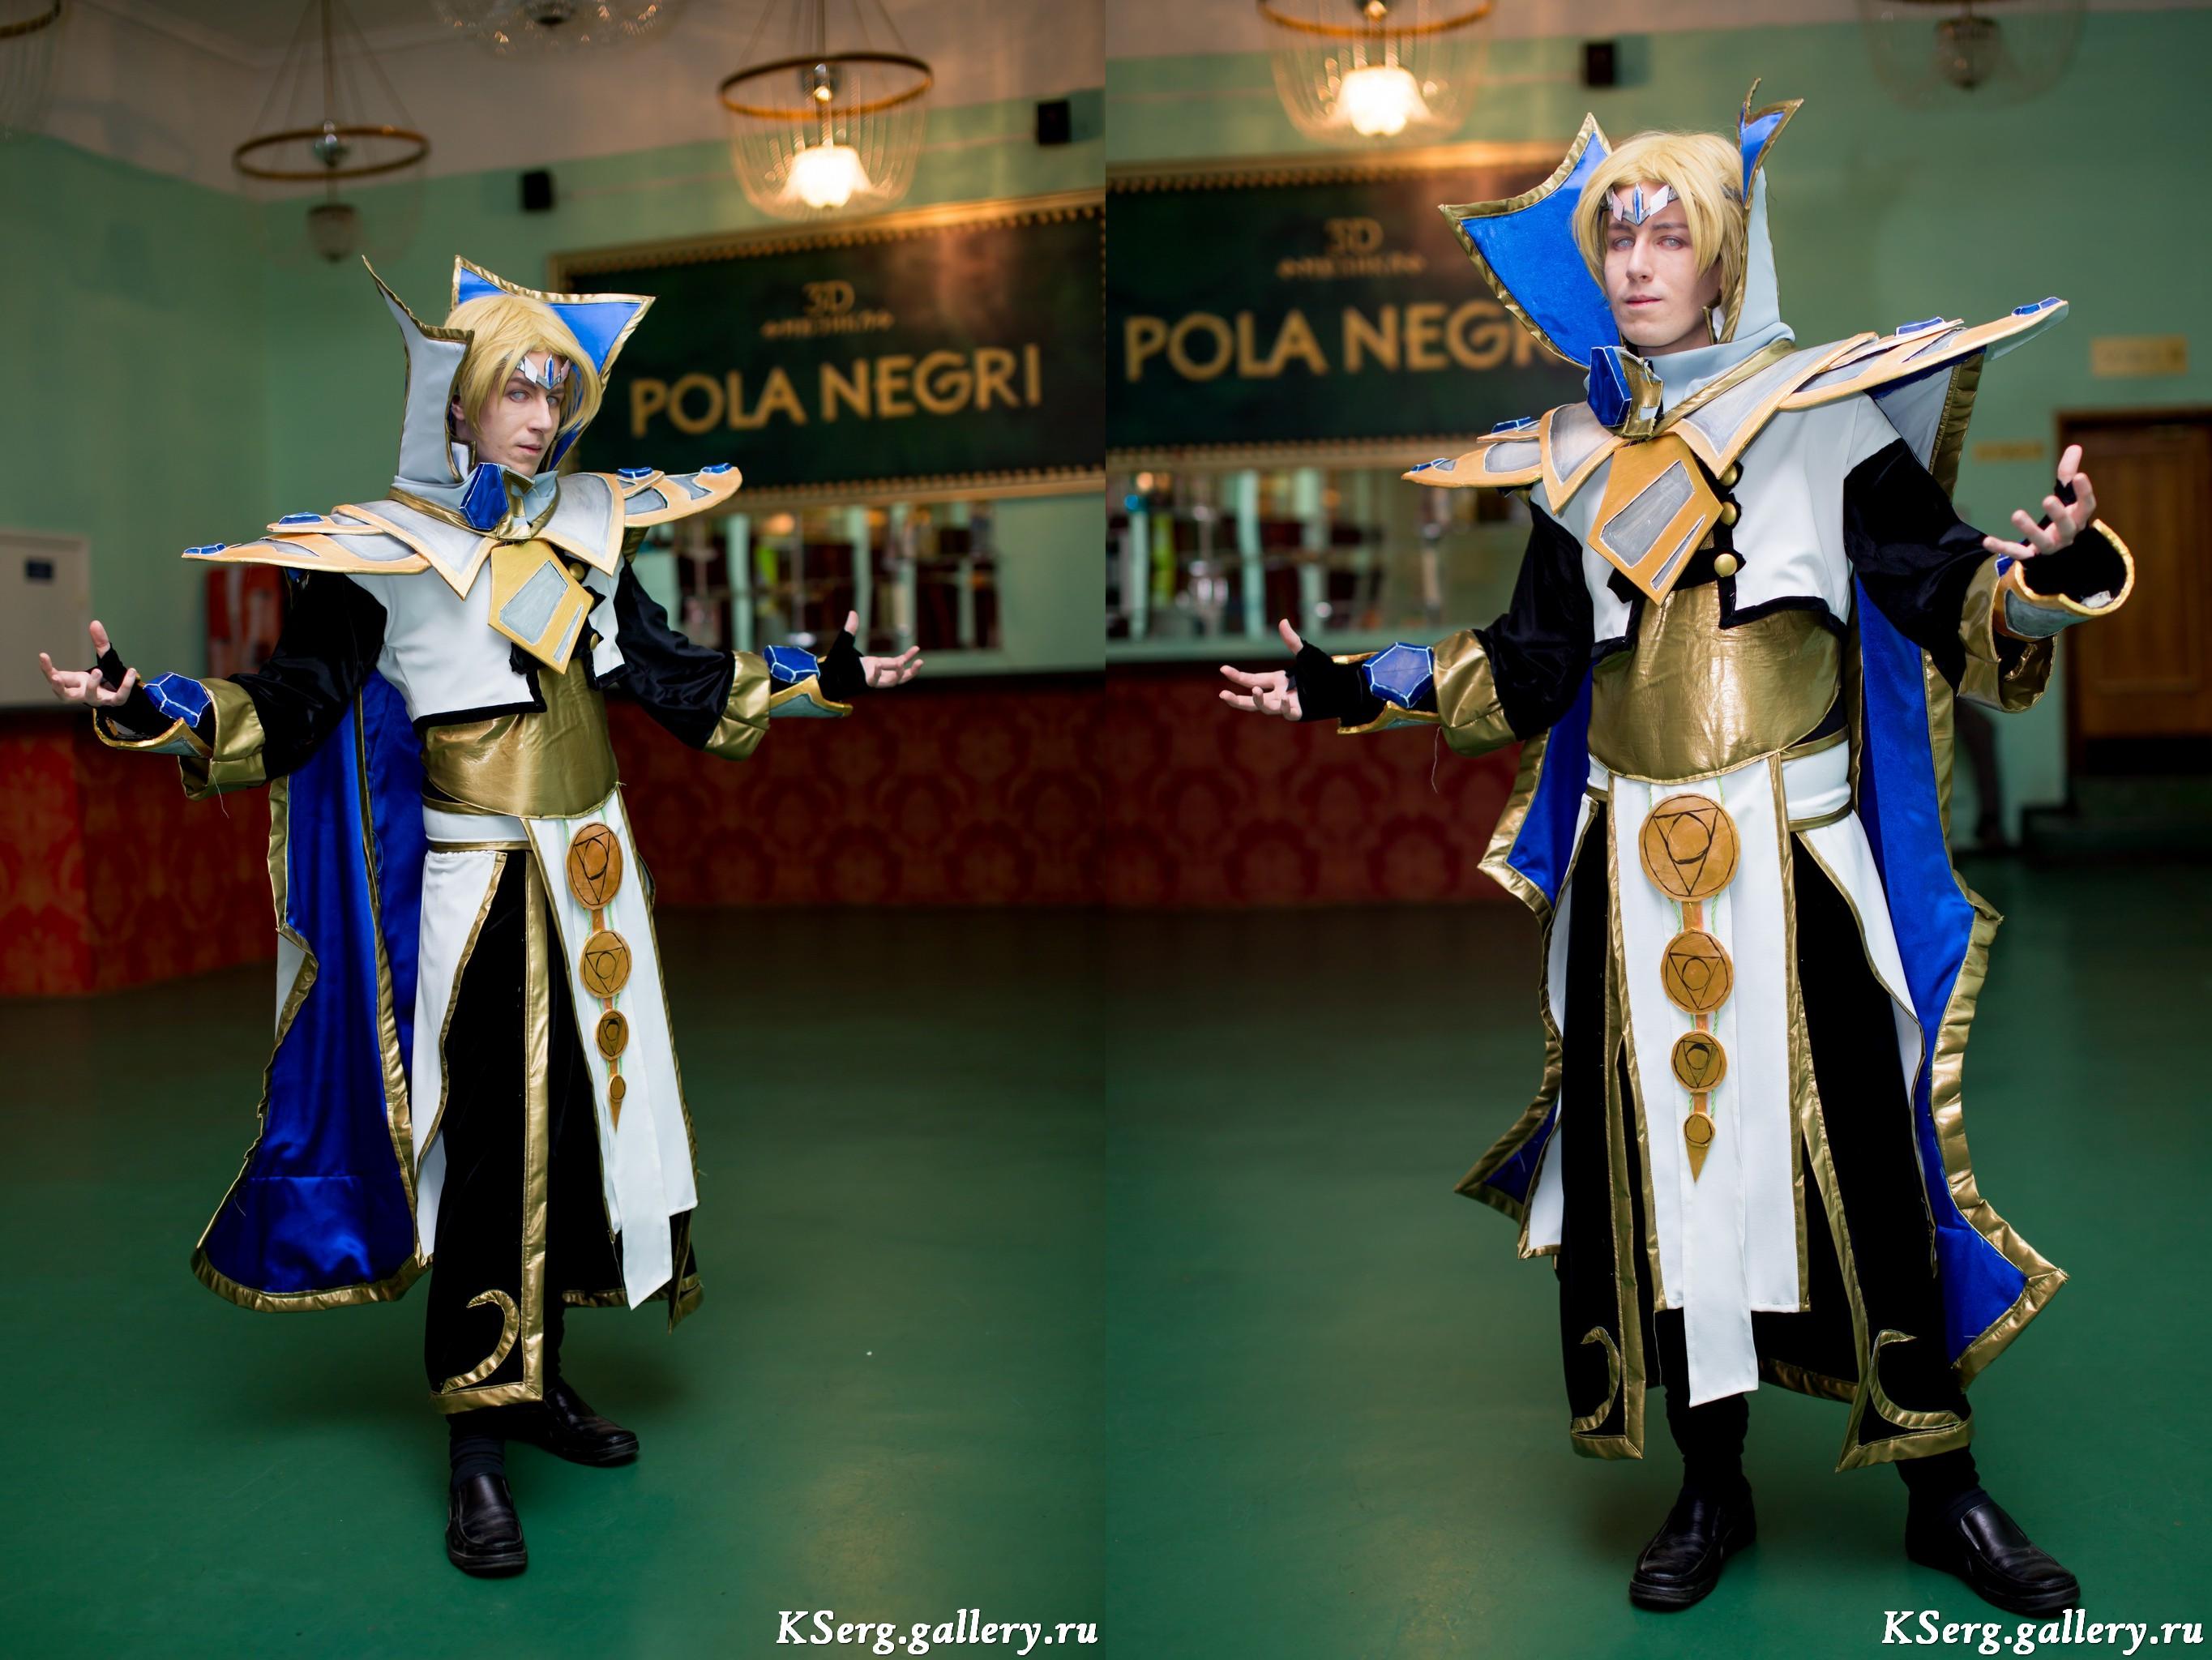 dota 2 invoker iceforged set cosplay by blackconvoy on